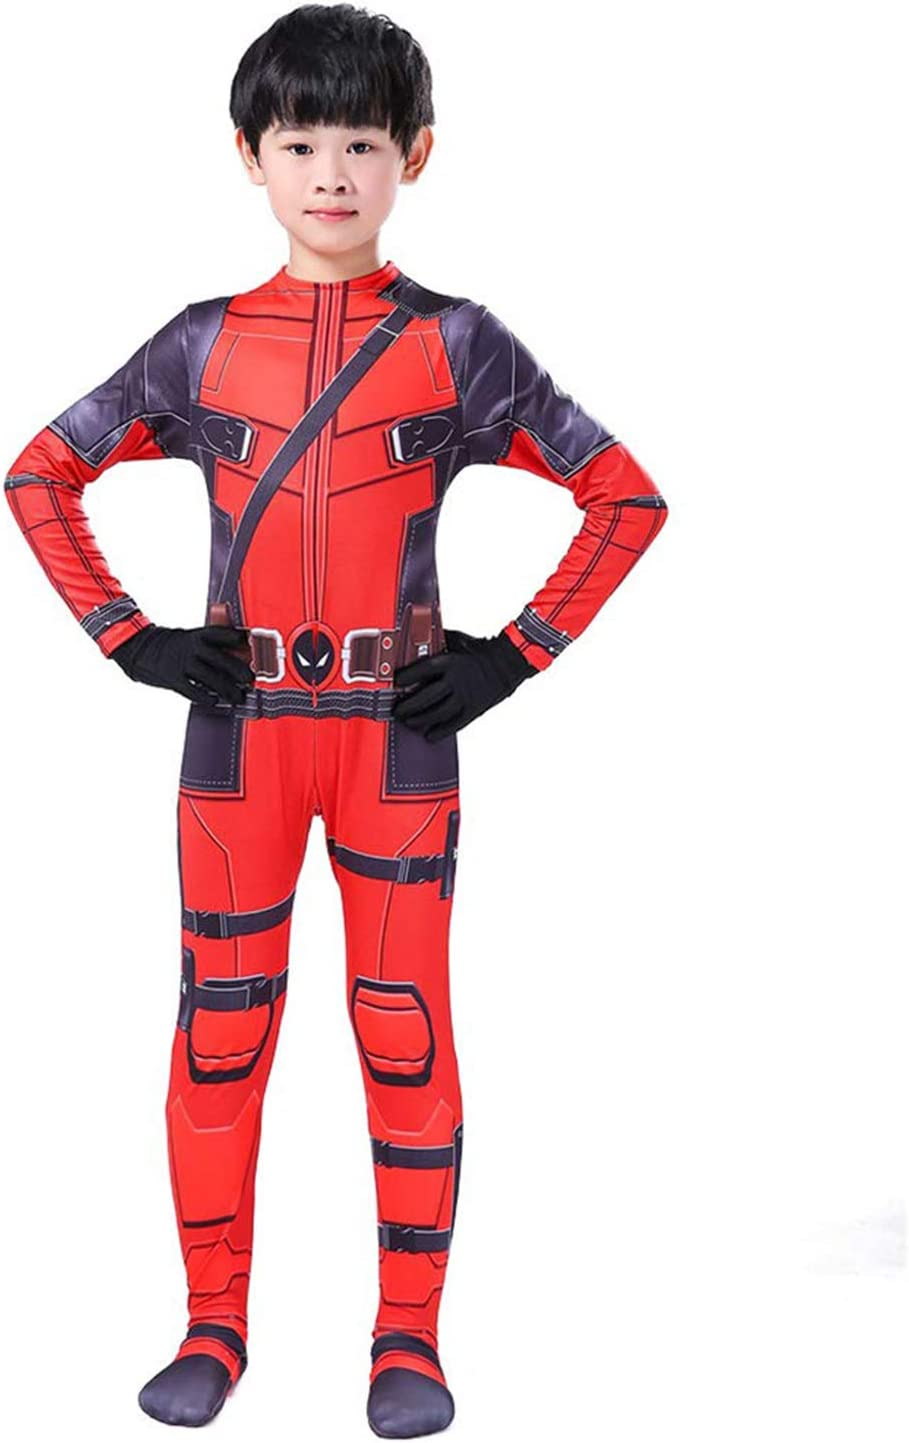 X-Men Anime Costume Cosplay Costume di Halloween Spandex Calze Siamesi Separazione del Copricapo Adatto per Adulti E Bambini,XS Expedition Costume Spiderman 2 Heroes Deadpool